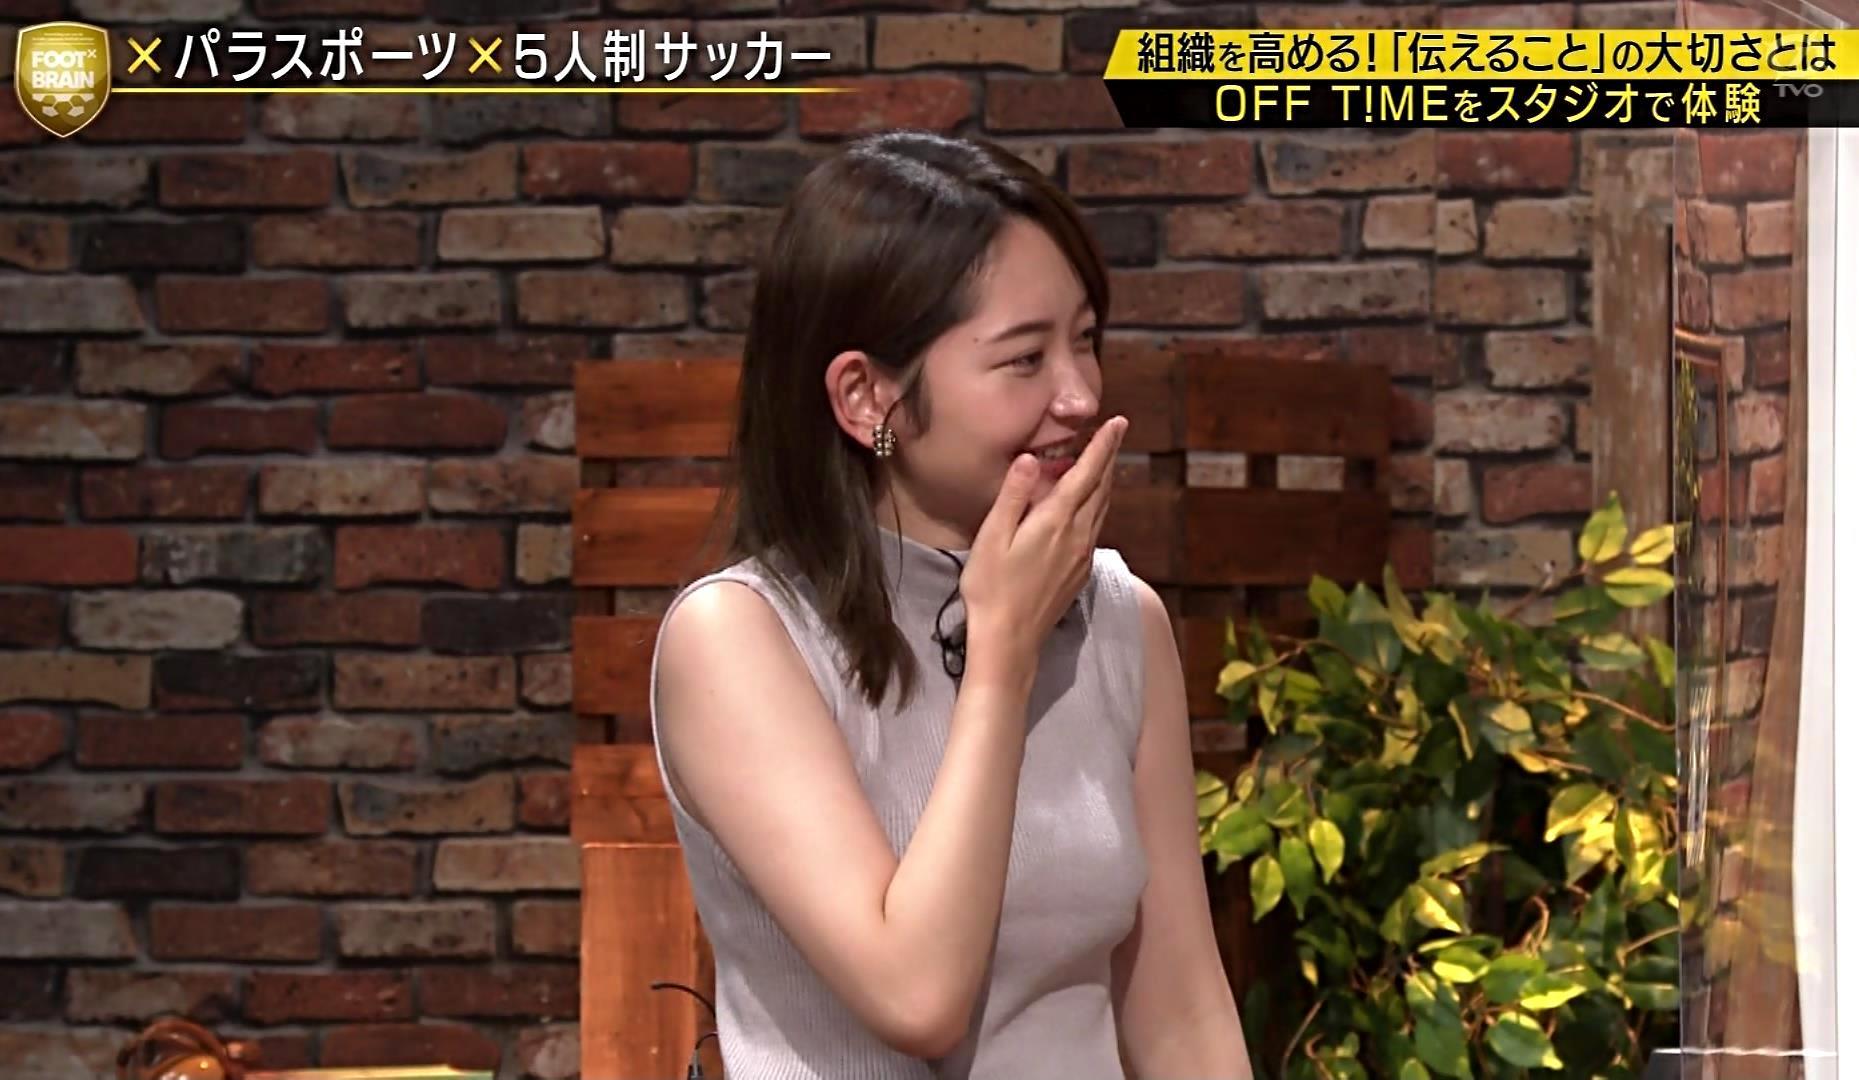 竹崎由佳の目隠し腋魅せ (8)